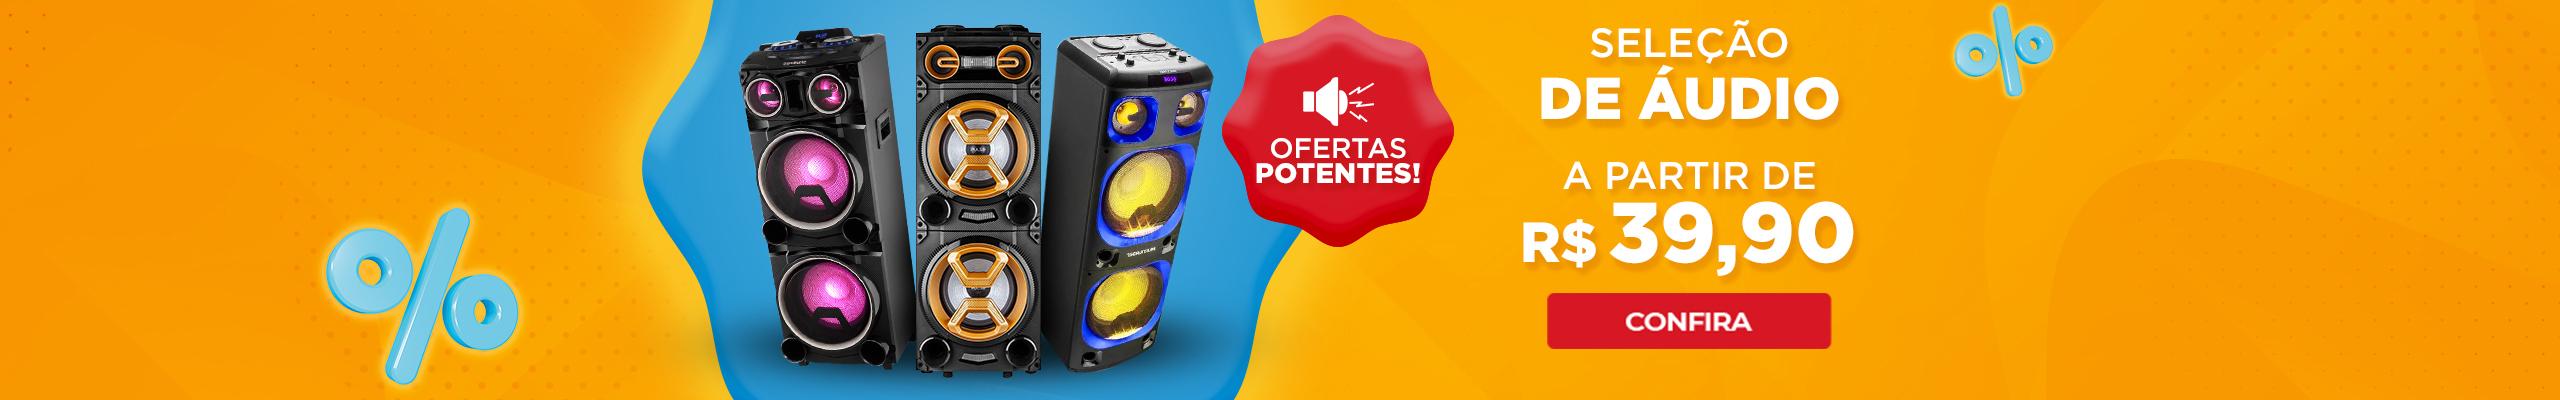 Ofertas Potentes Audio | 13 a 19/01